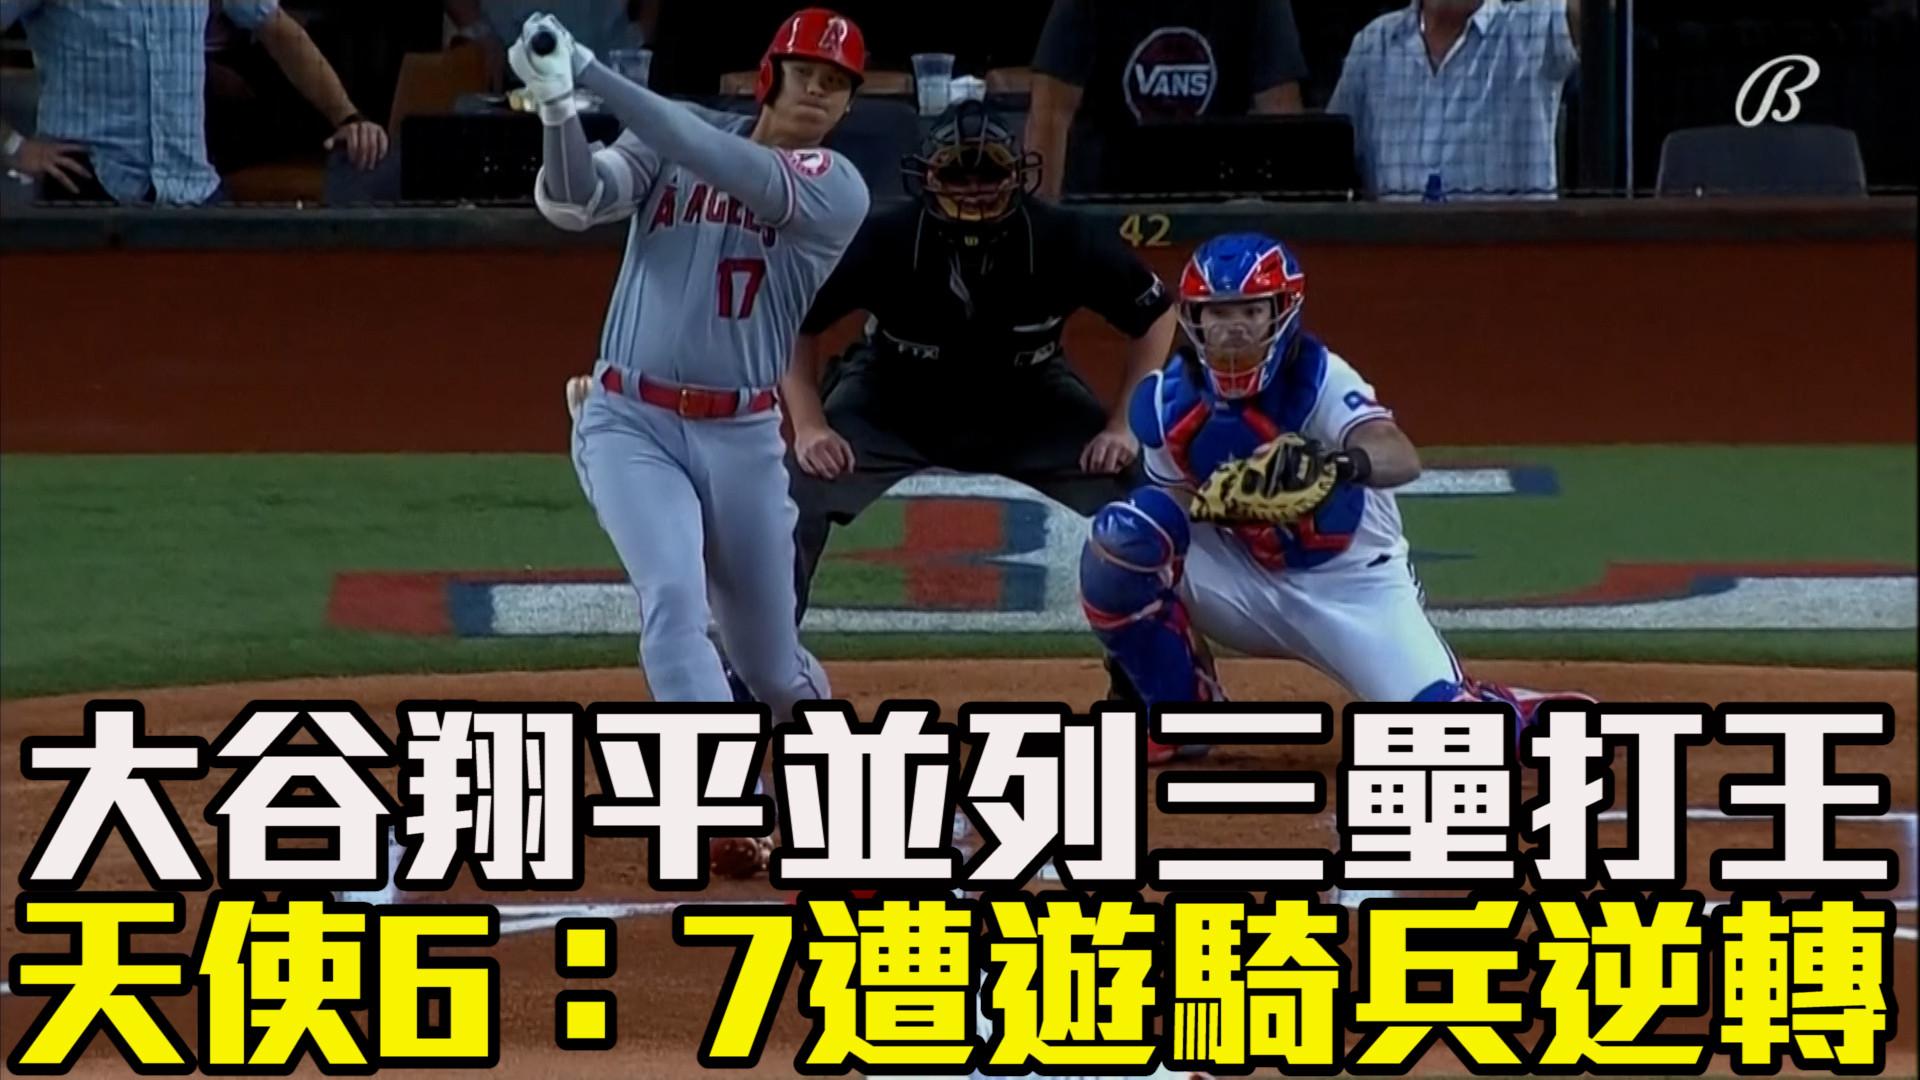 【MLB看愛爾達】大谷翔平三壘打王 天使遭遊騎兵逆轉 10/1